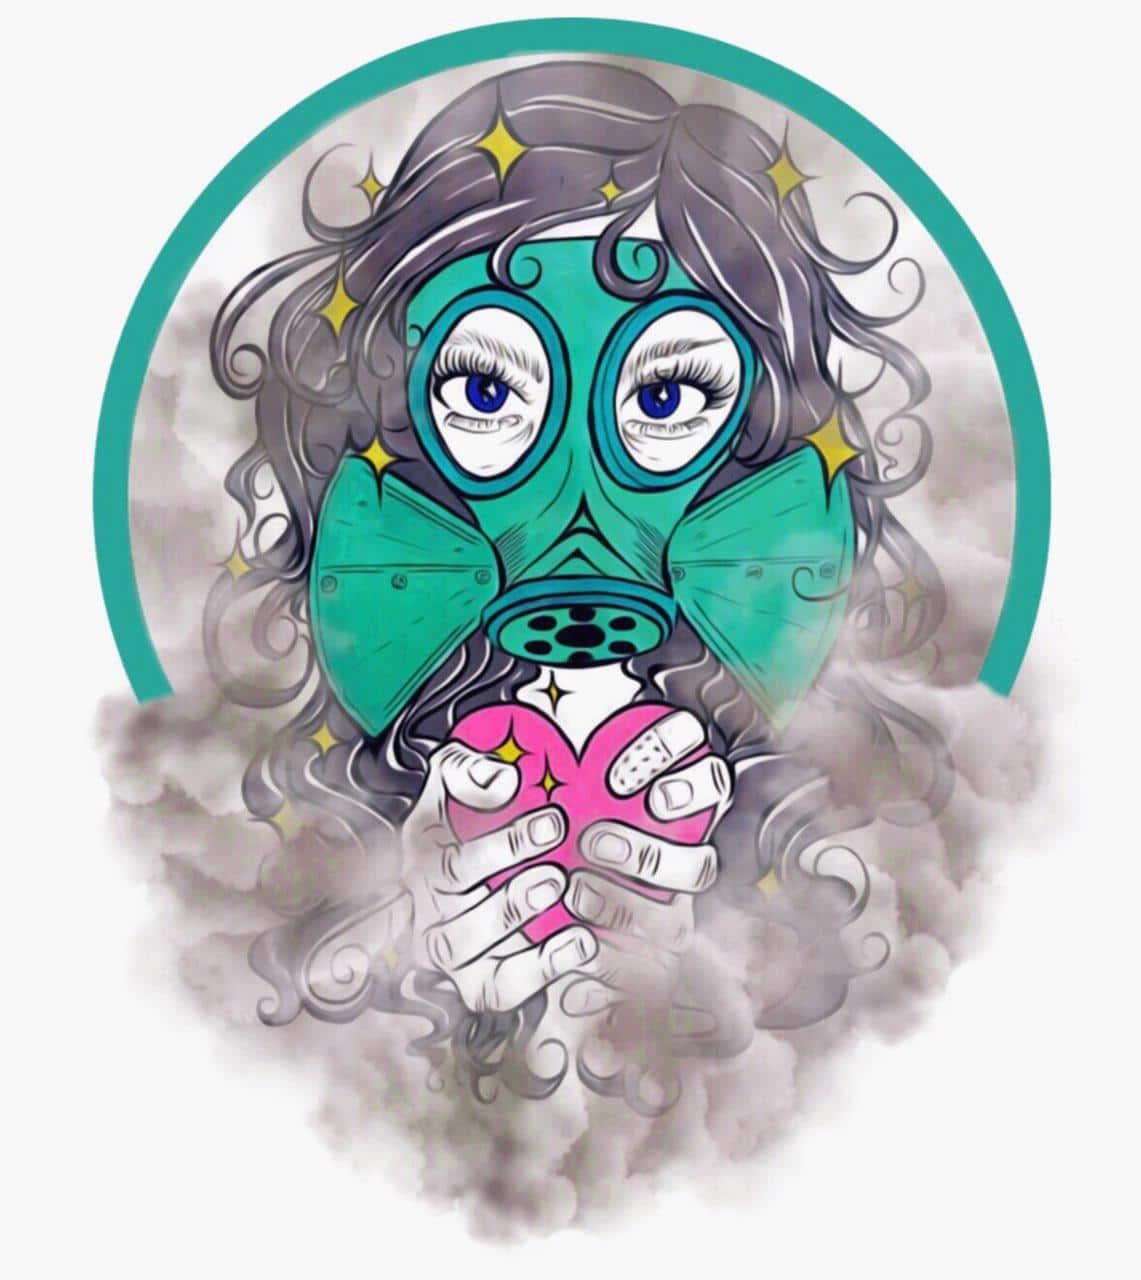 Ilustración: mujer con una máscara de gas y un corazón en las manos